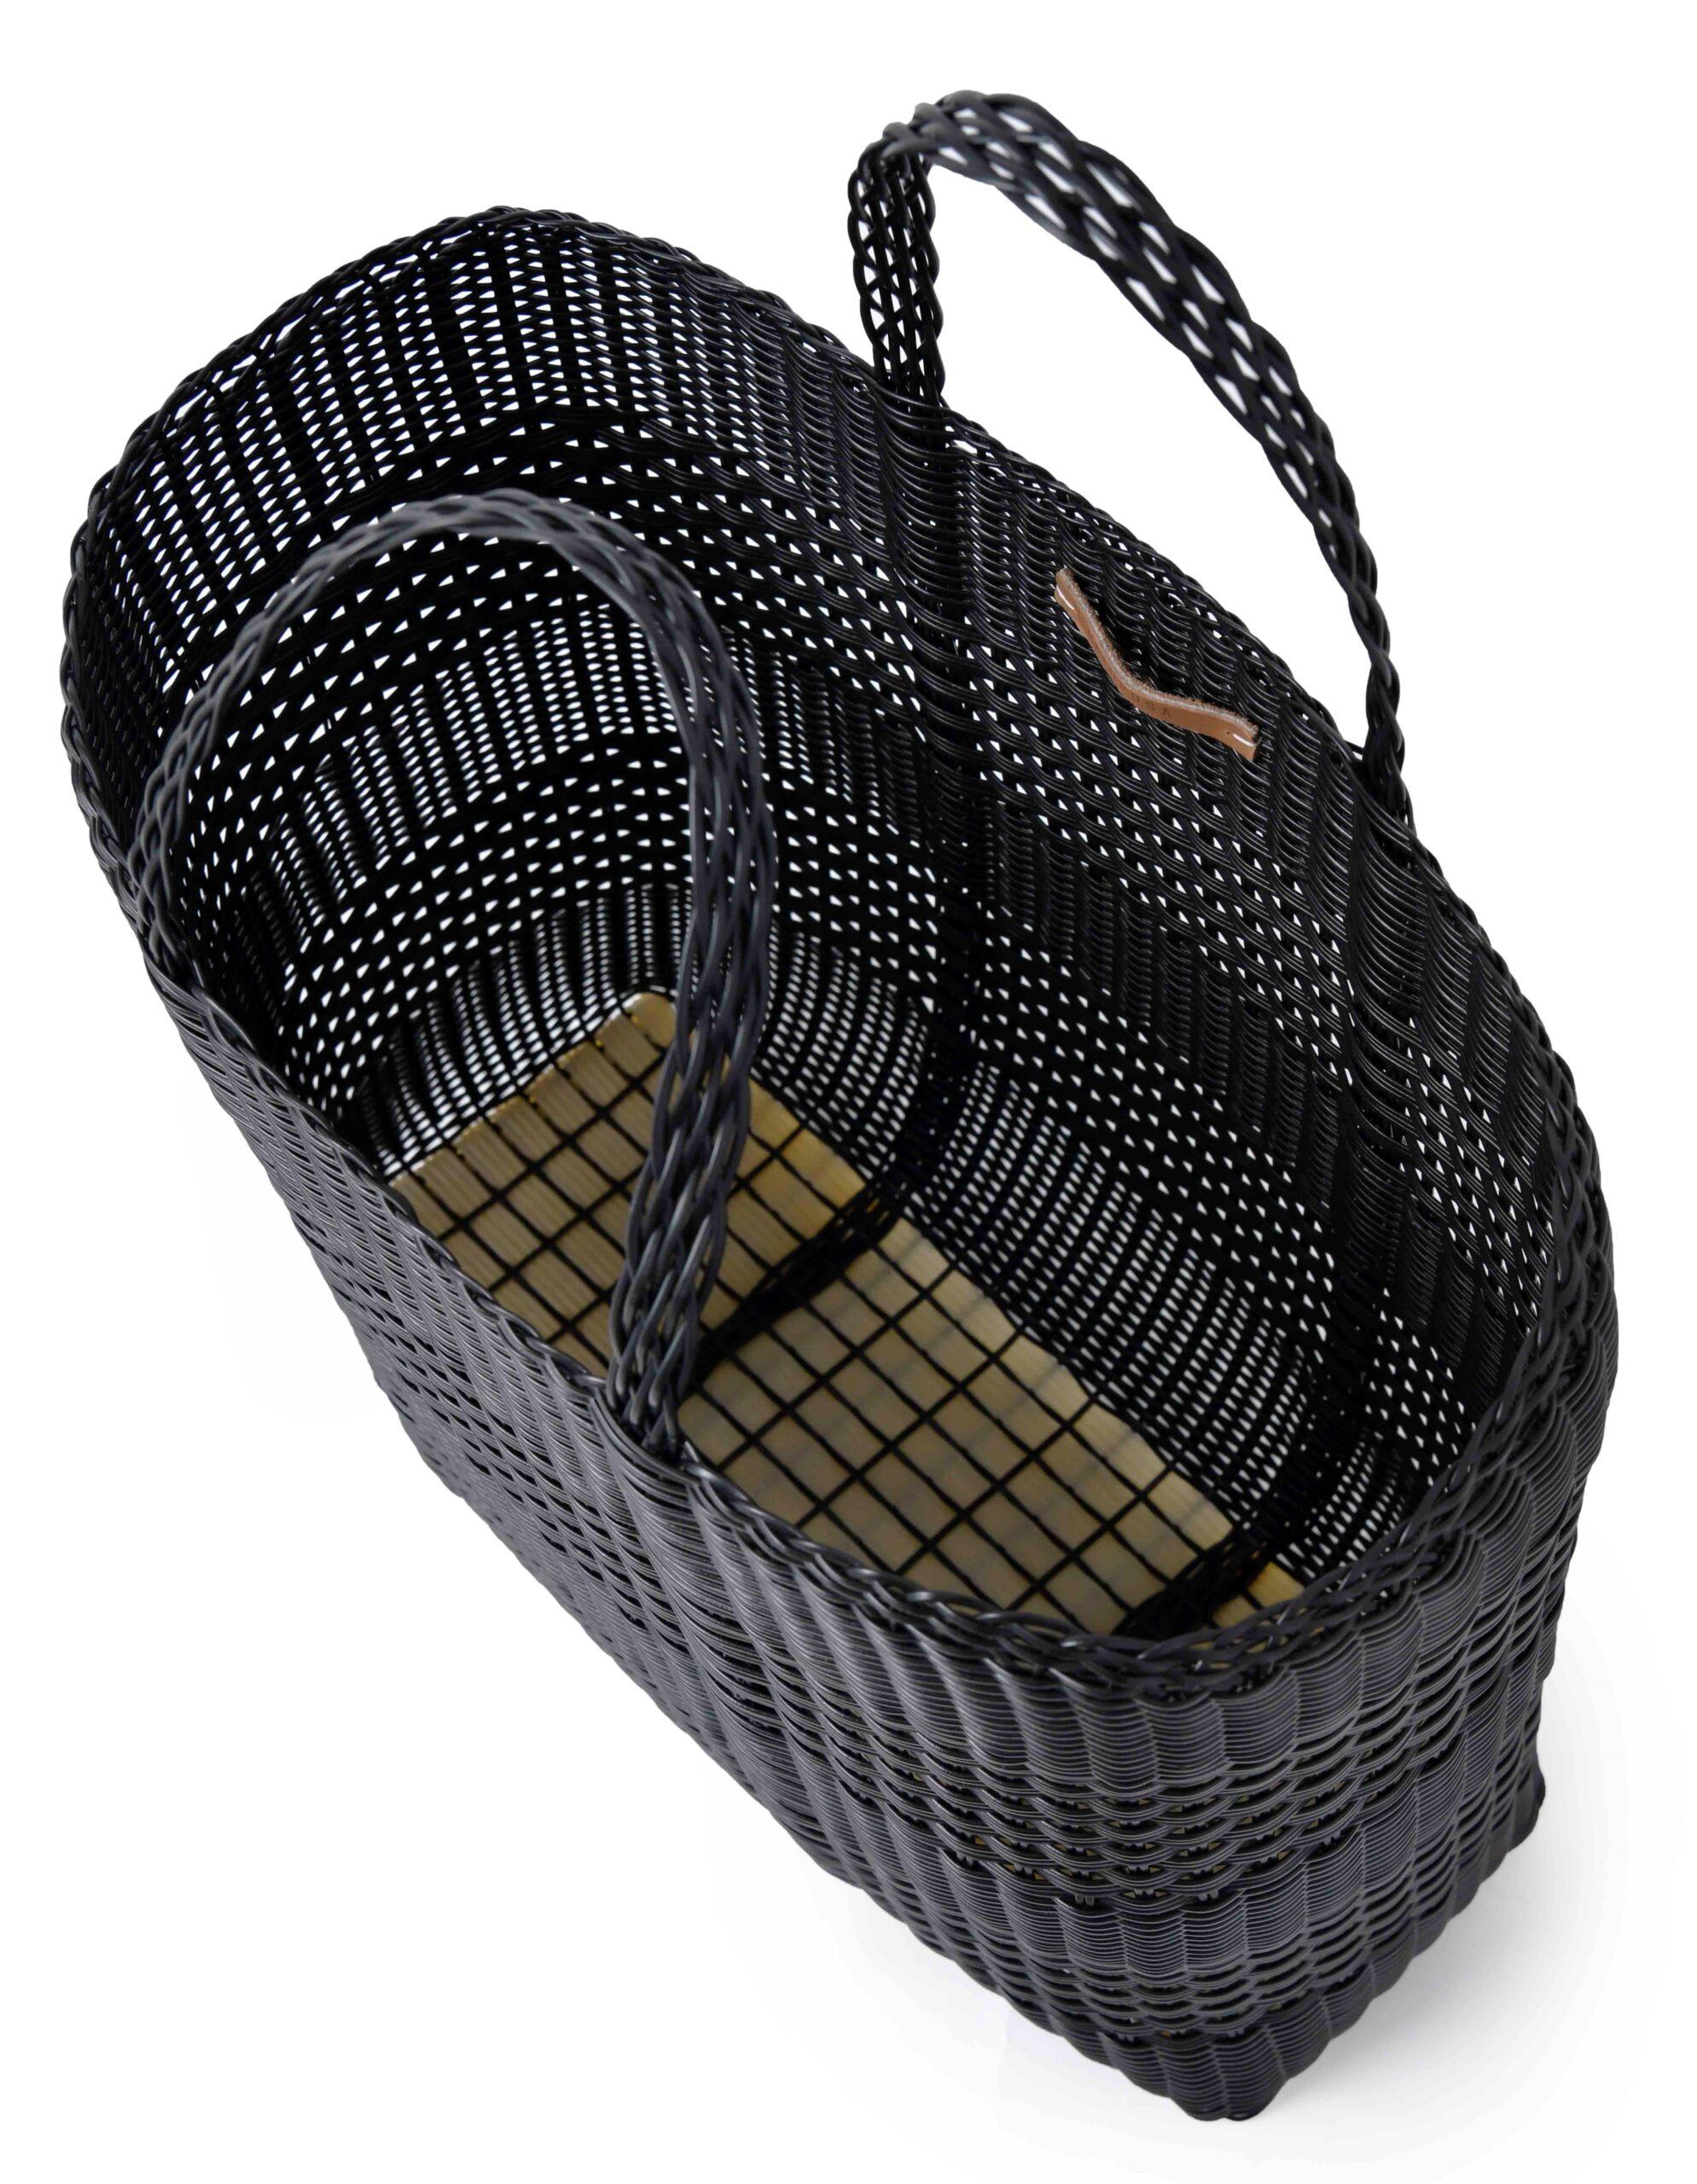 Palorosa パロロザ カゴバッグ サステナブル リサイクルプラスチック